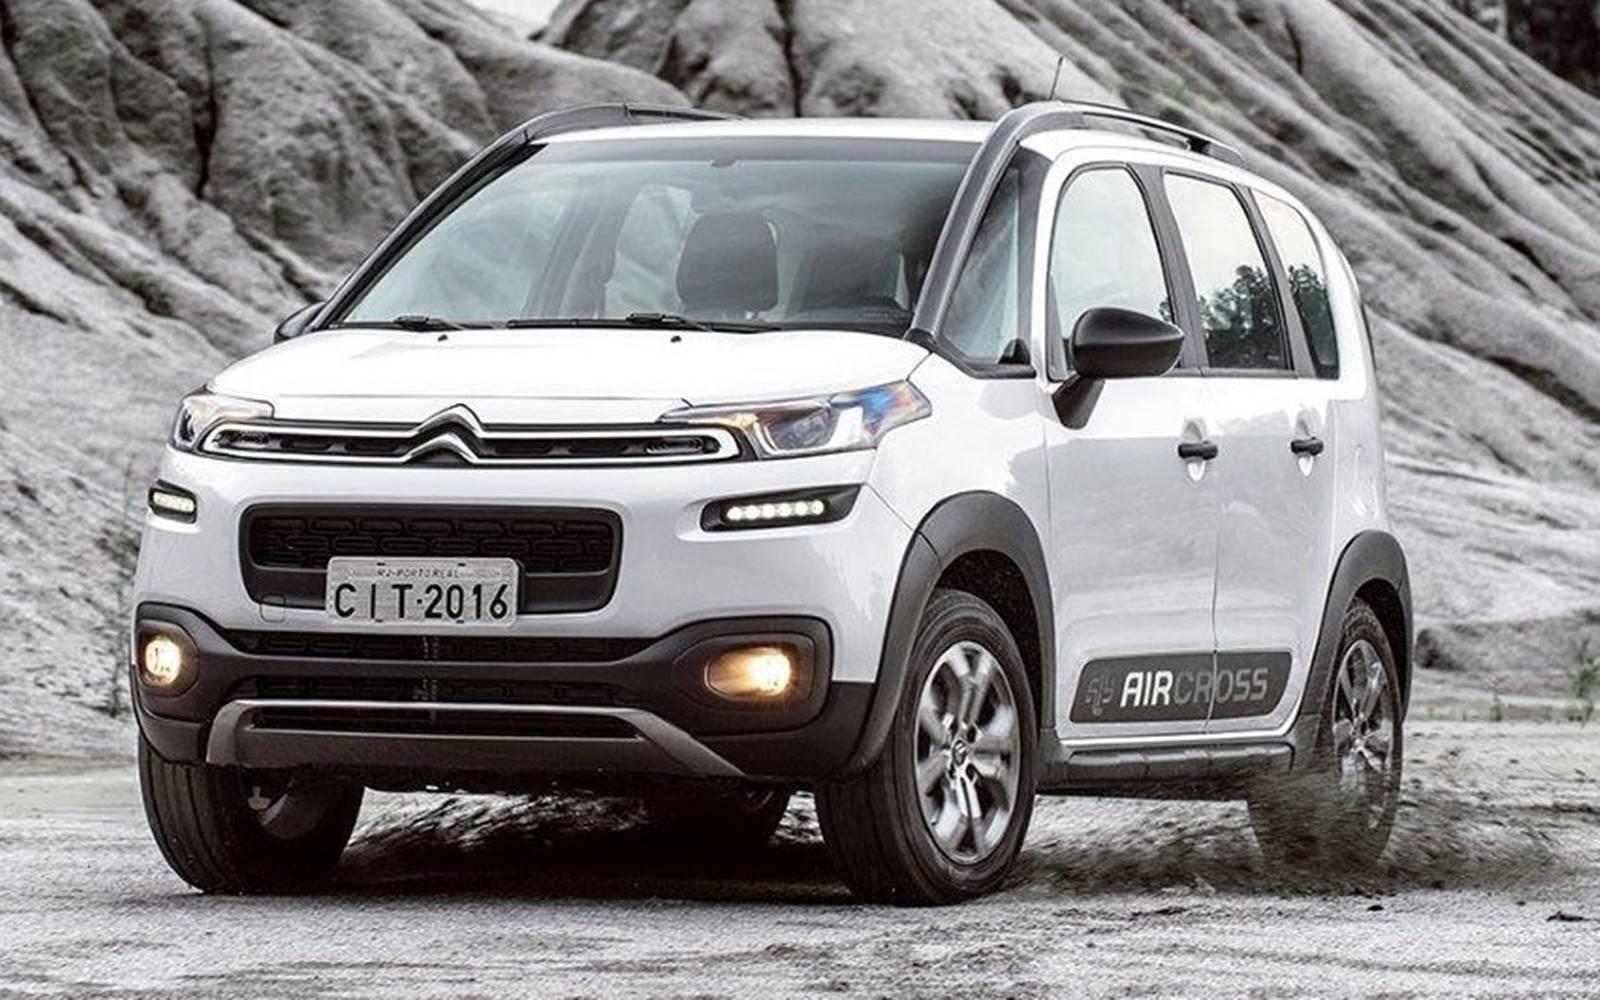 Citroën Aircross 2019